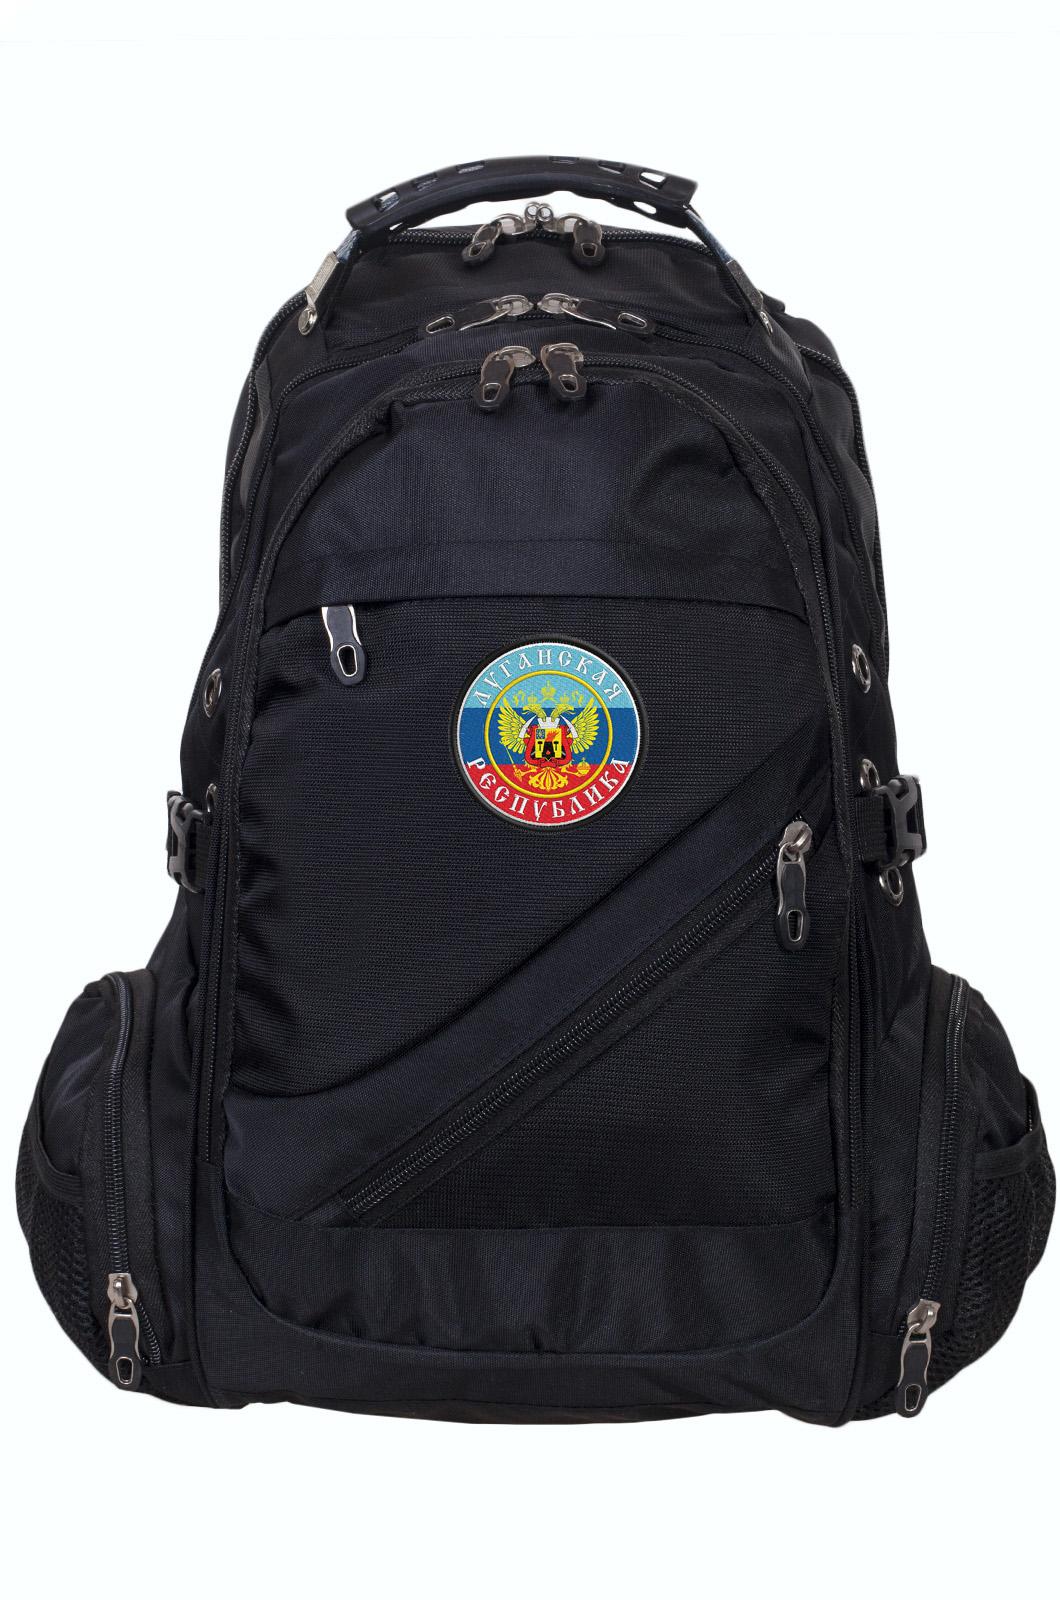 Многофункциональный городской рюкзак с Гербом ЛНР